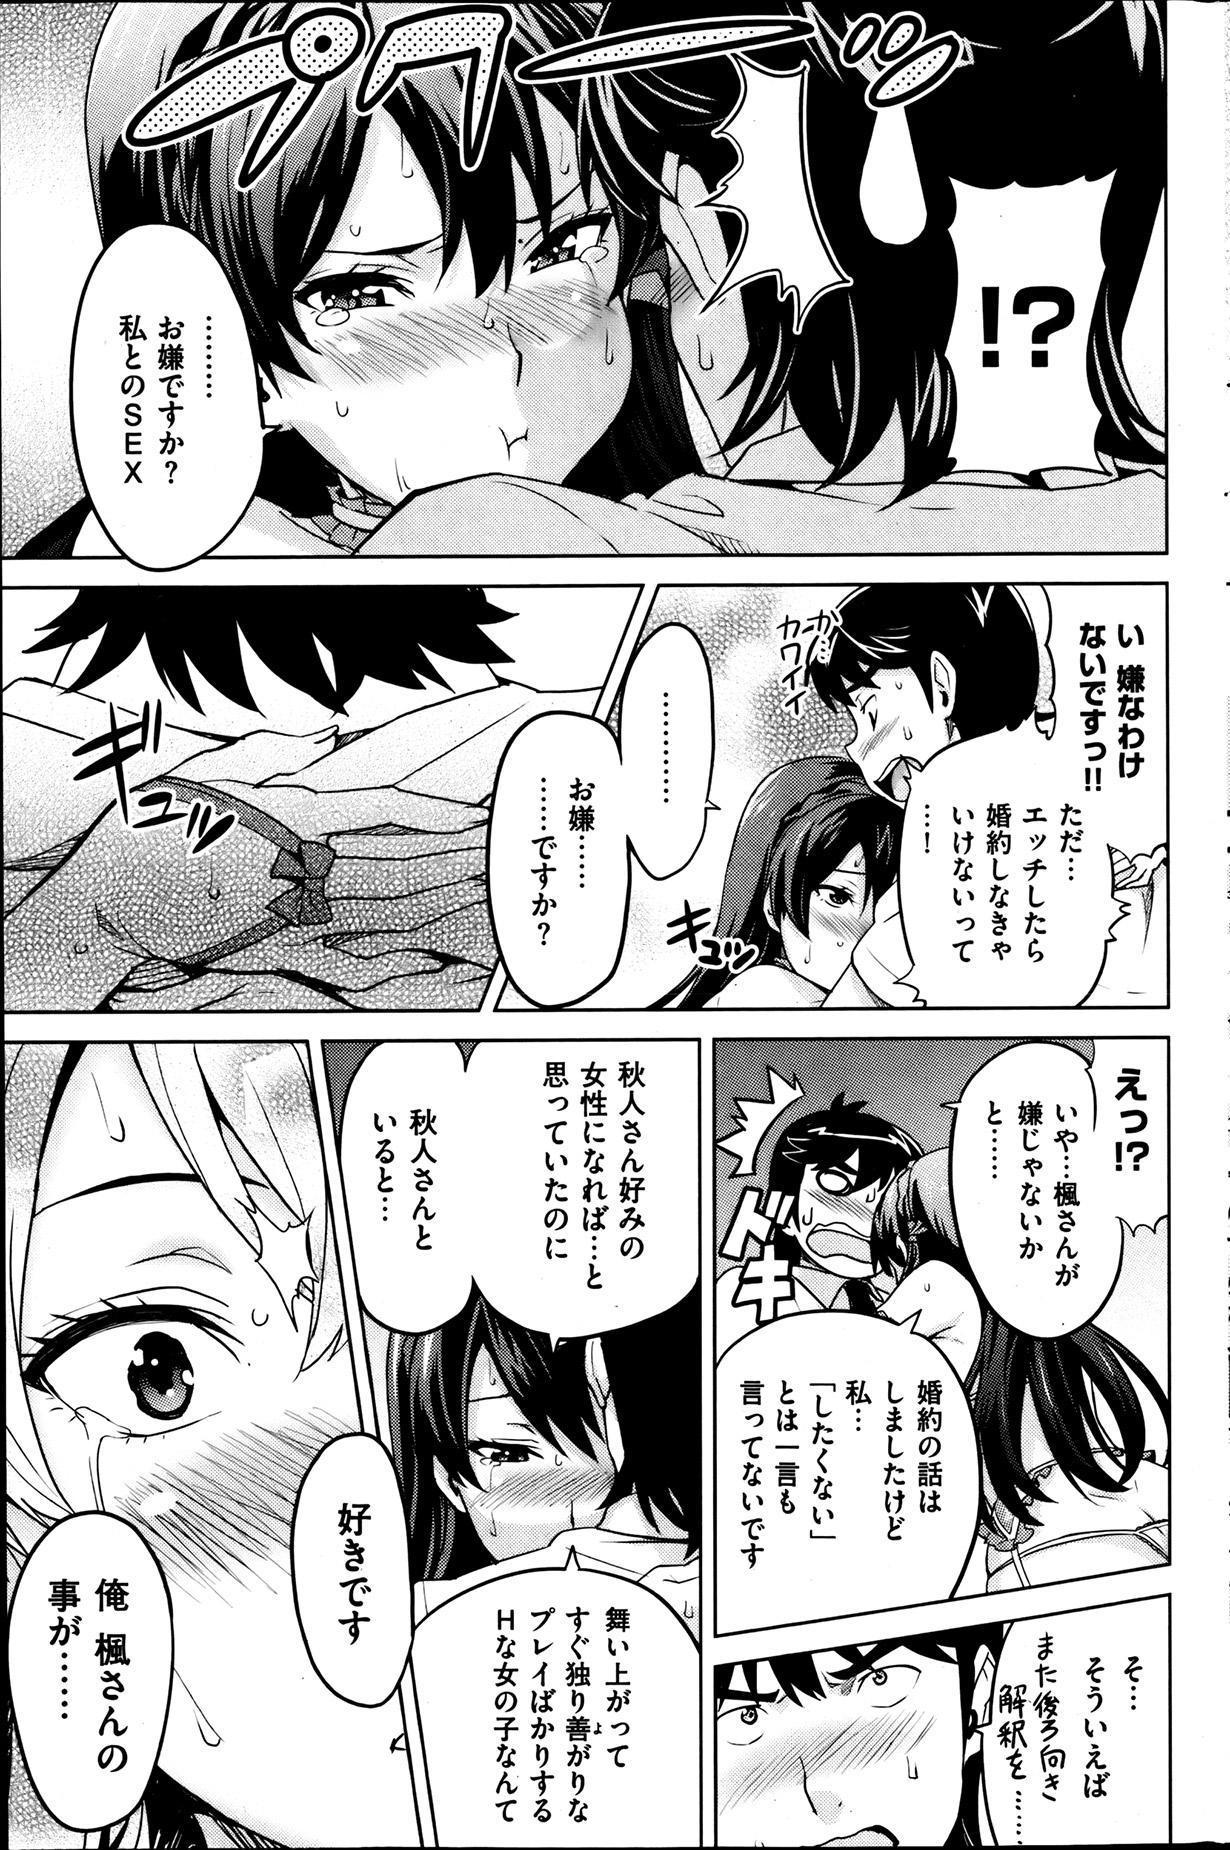 COMIC HANA-MAN 2013-08 Takeda Hiromitsu Tokushuu 182